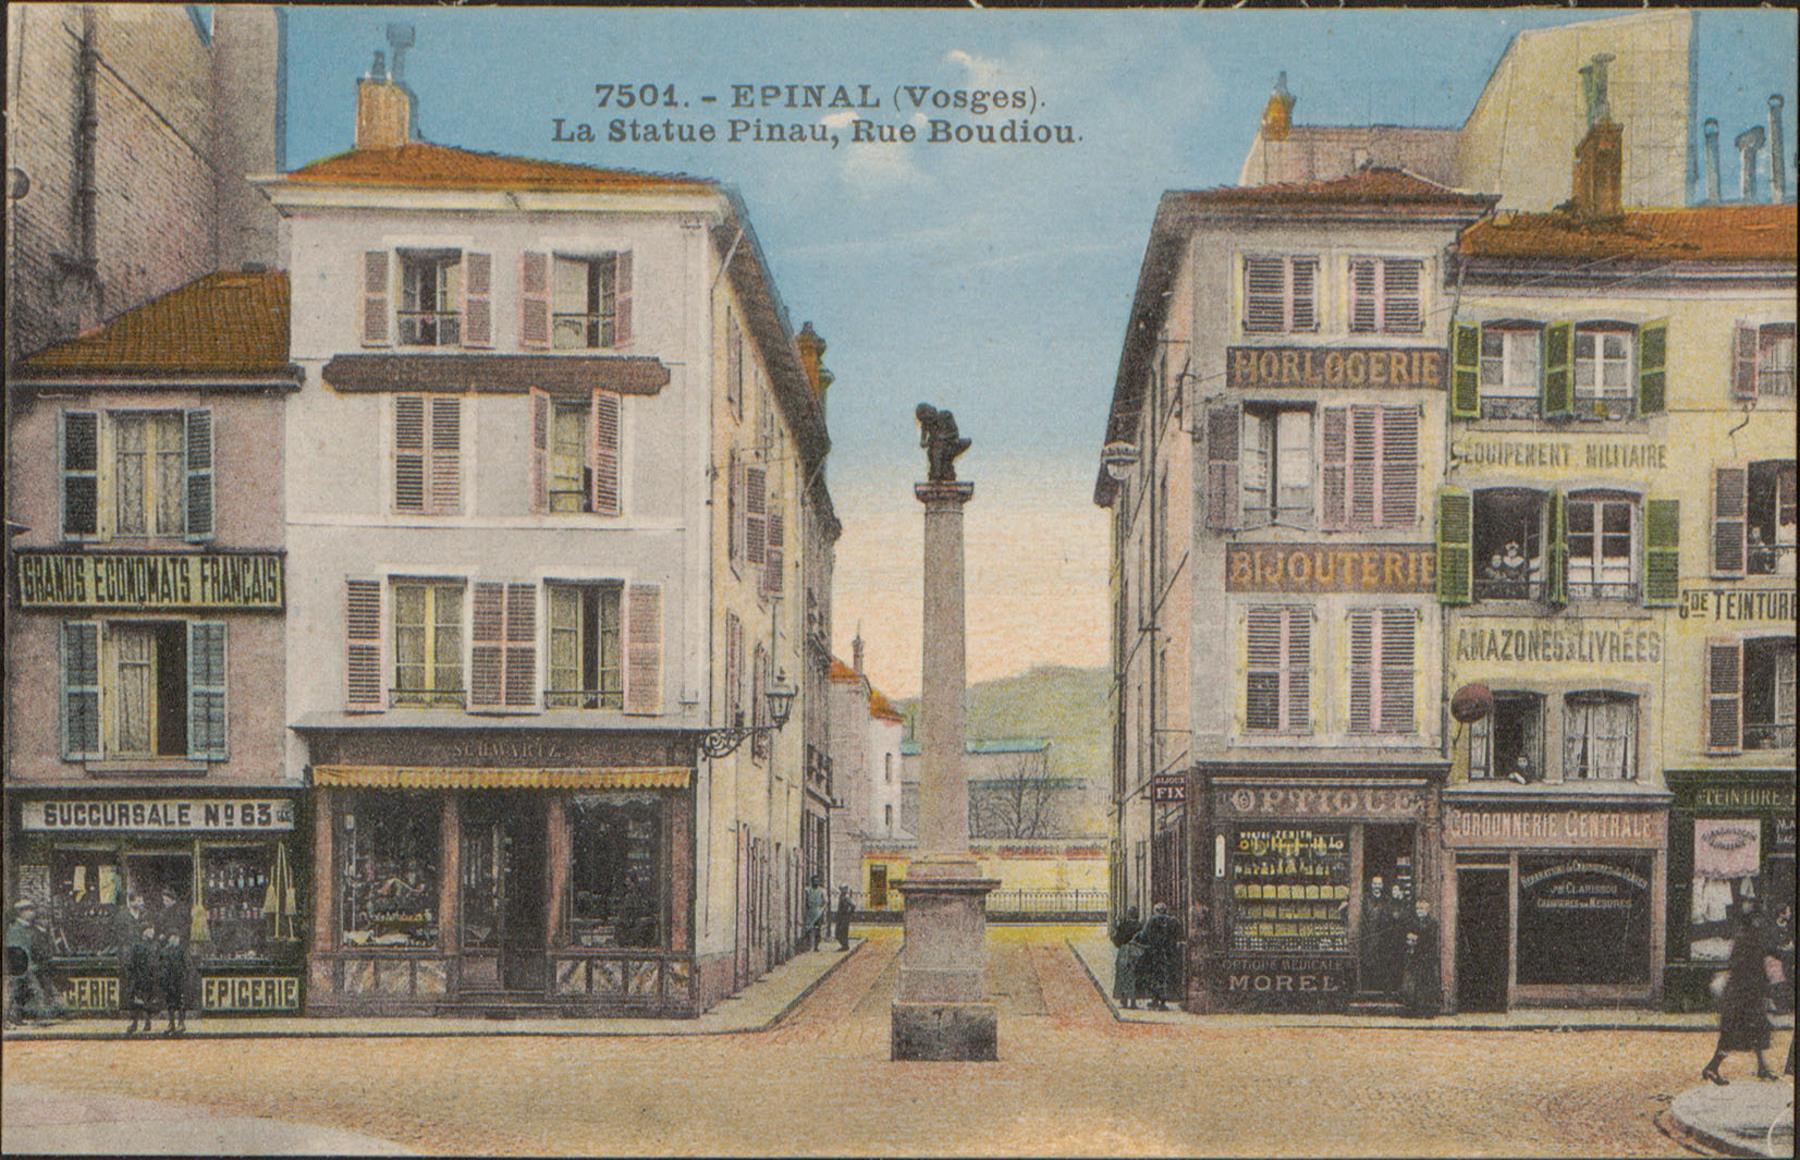 Contenu du Épinal, La Statue Pinau, Rue Boudiou